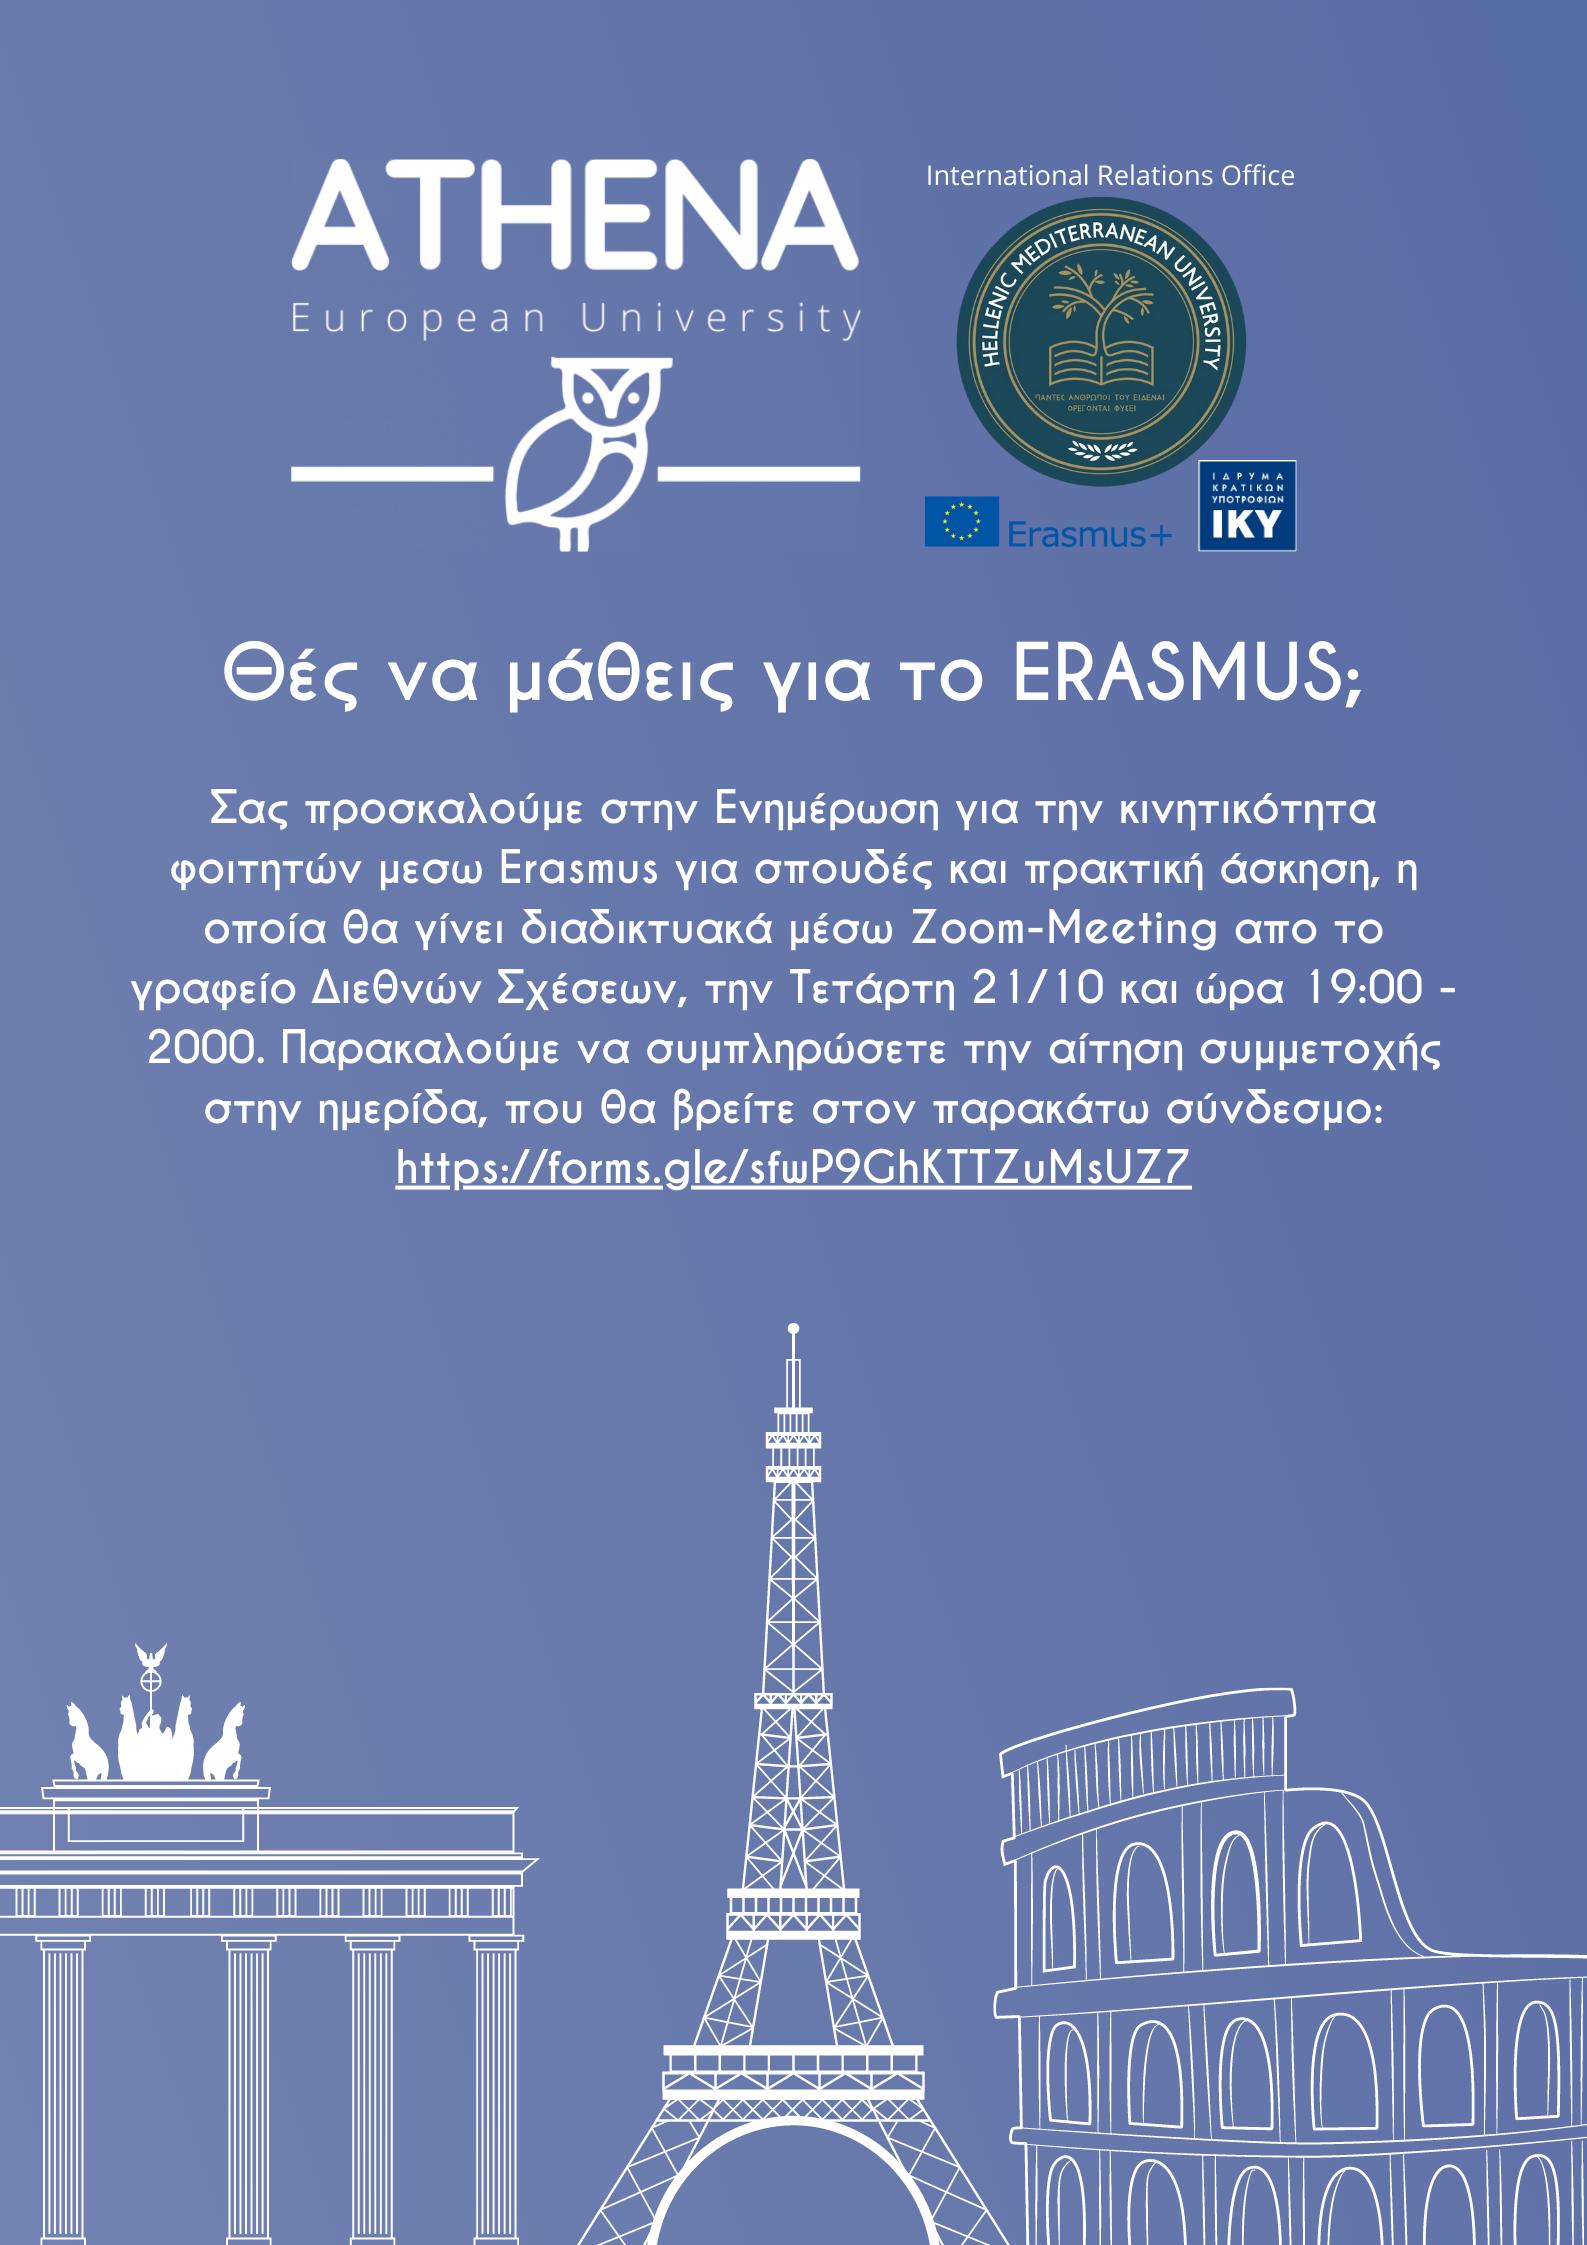 Ενημέρωση για την κινητικότητα φοιτητών μέσω Erasmus